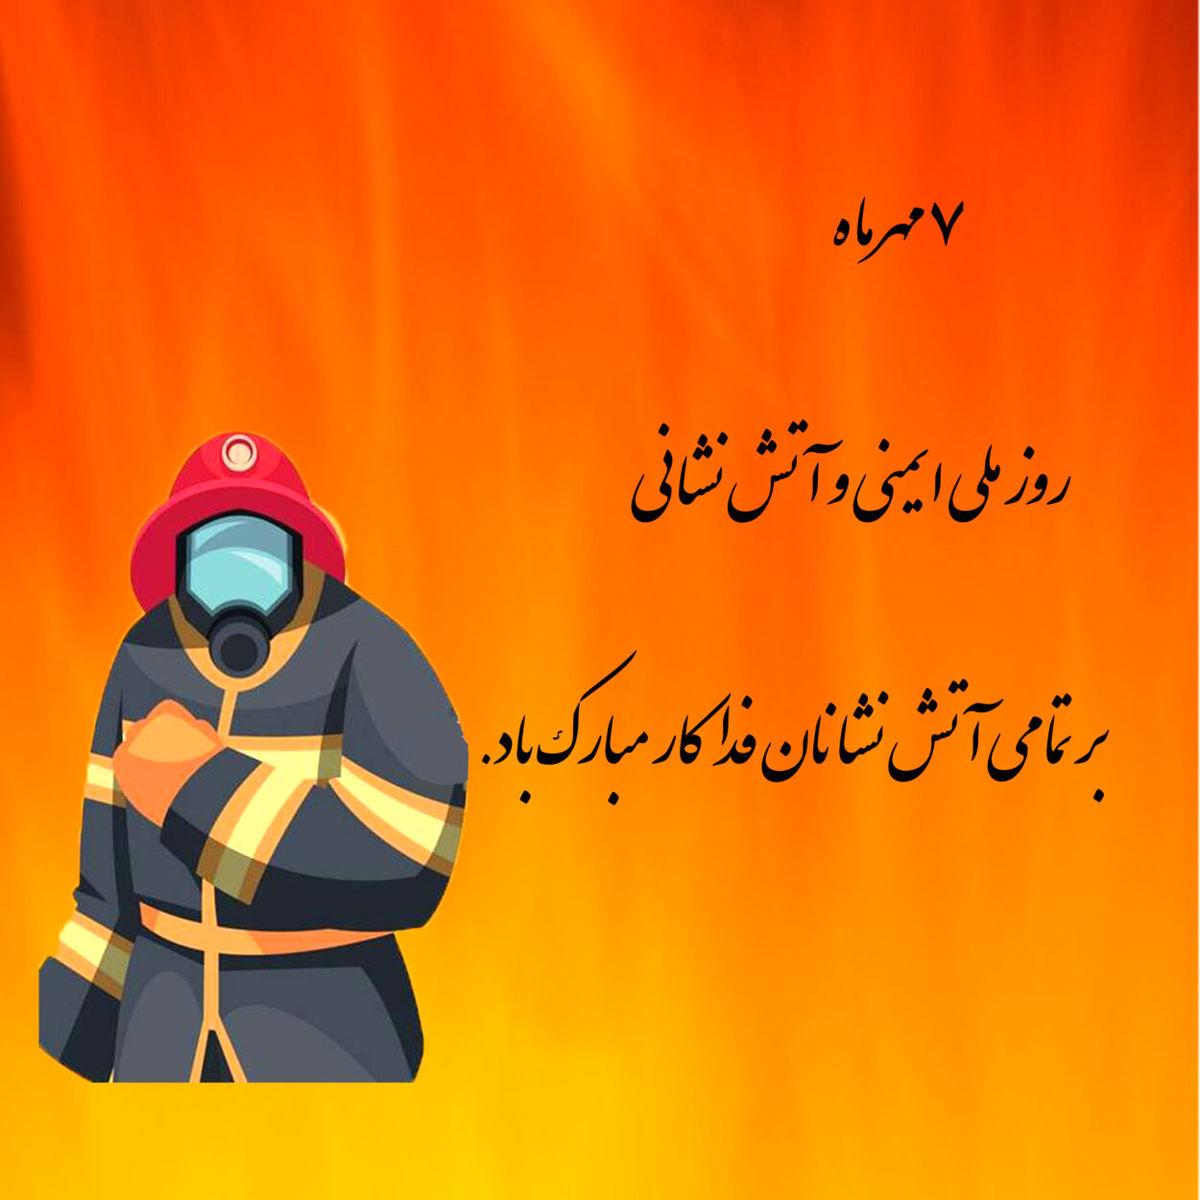 هفتم مهرماه روز آتش نشانی و ایمنی